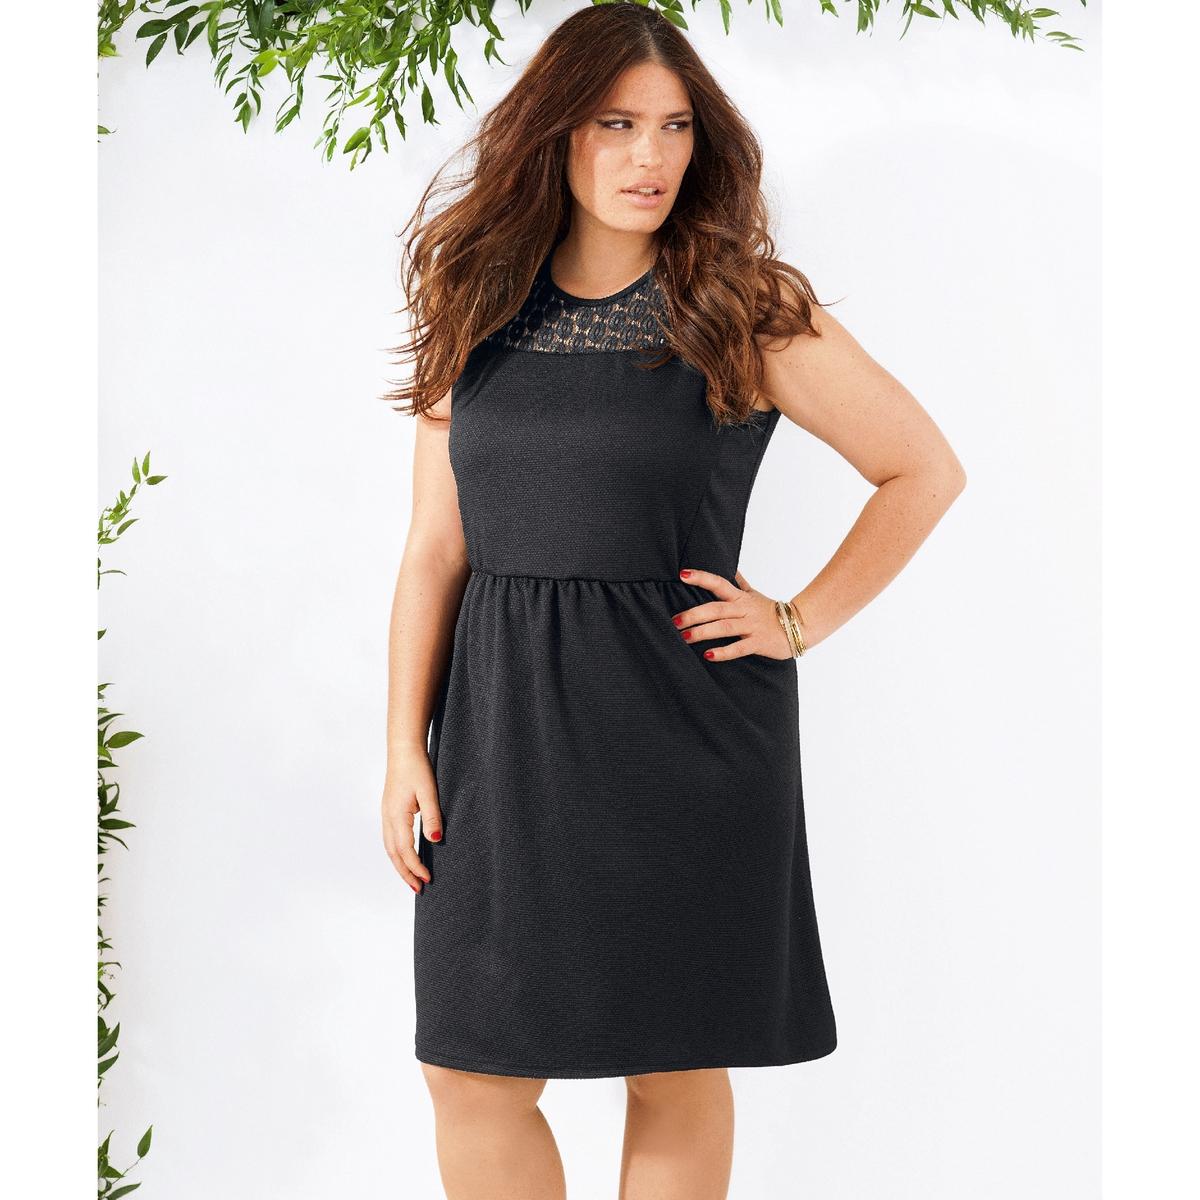 Платьеплатье . Красивая кружевная вставка наверху платья. Закругленный вырез . Без рукавов  . Приталенный покрой. Фактурный трикотаж, 100% полиэстер. Длина 100 см .<br><br>Цвет: черный<br>Размер: 52 (FR) - 58 (RUS)